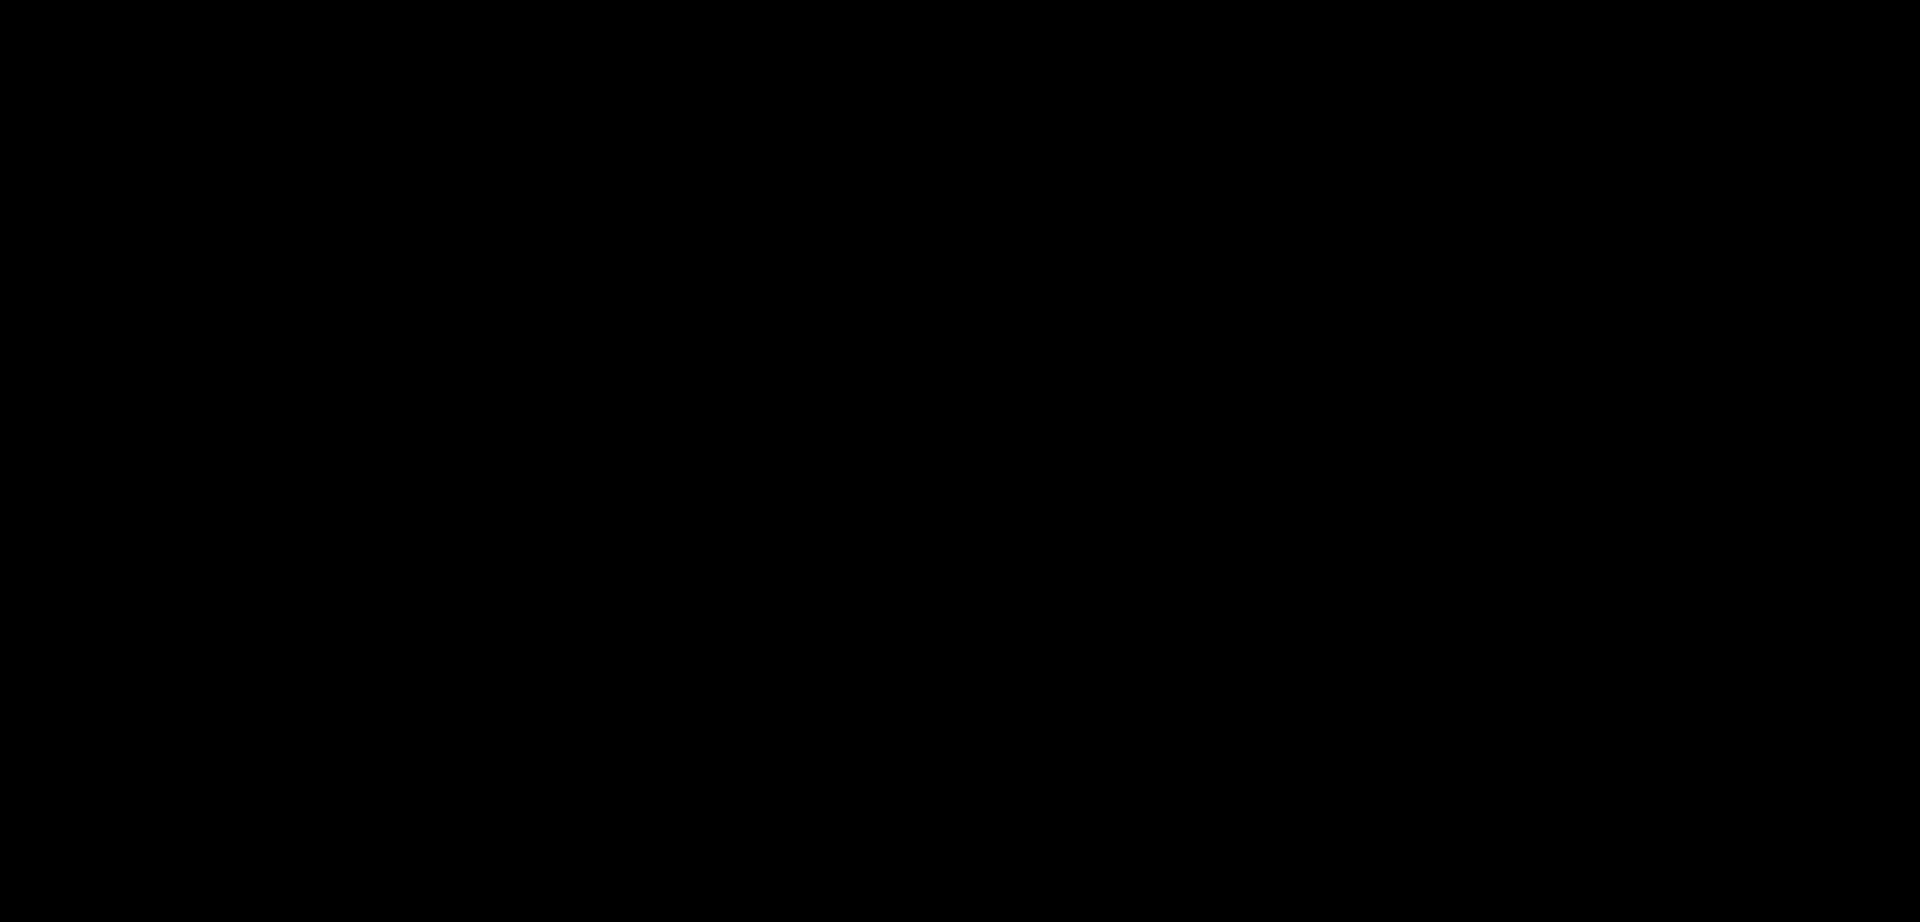 Ibogaine Structure